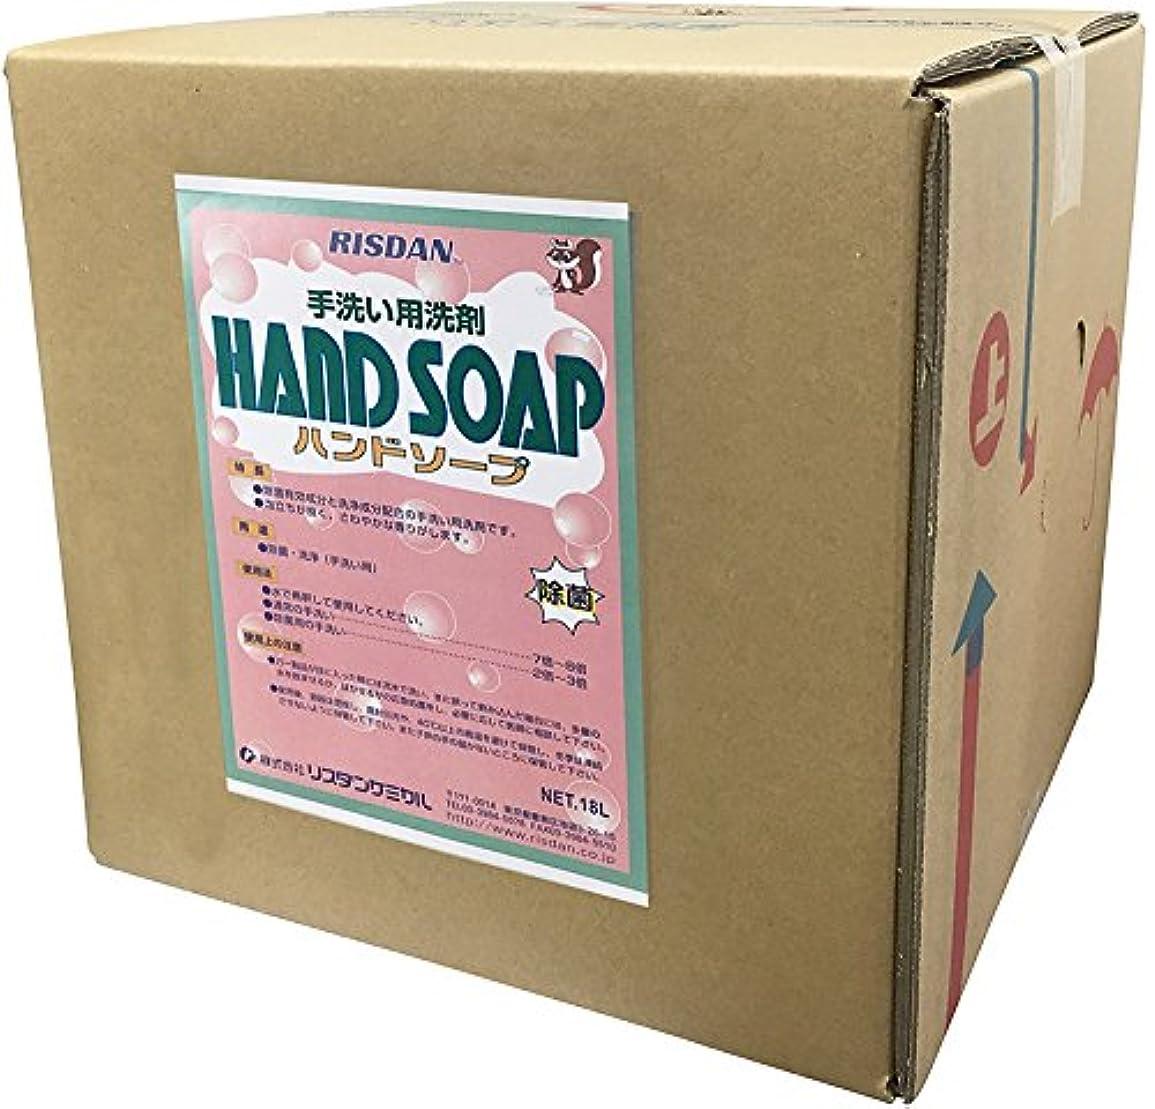 故意のにんじん急襲リスダンケミカル ハンドソープ 18L 手洗い用洗剤